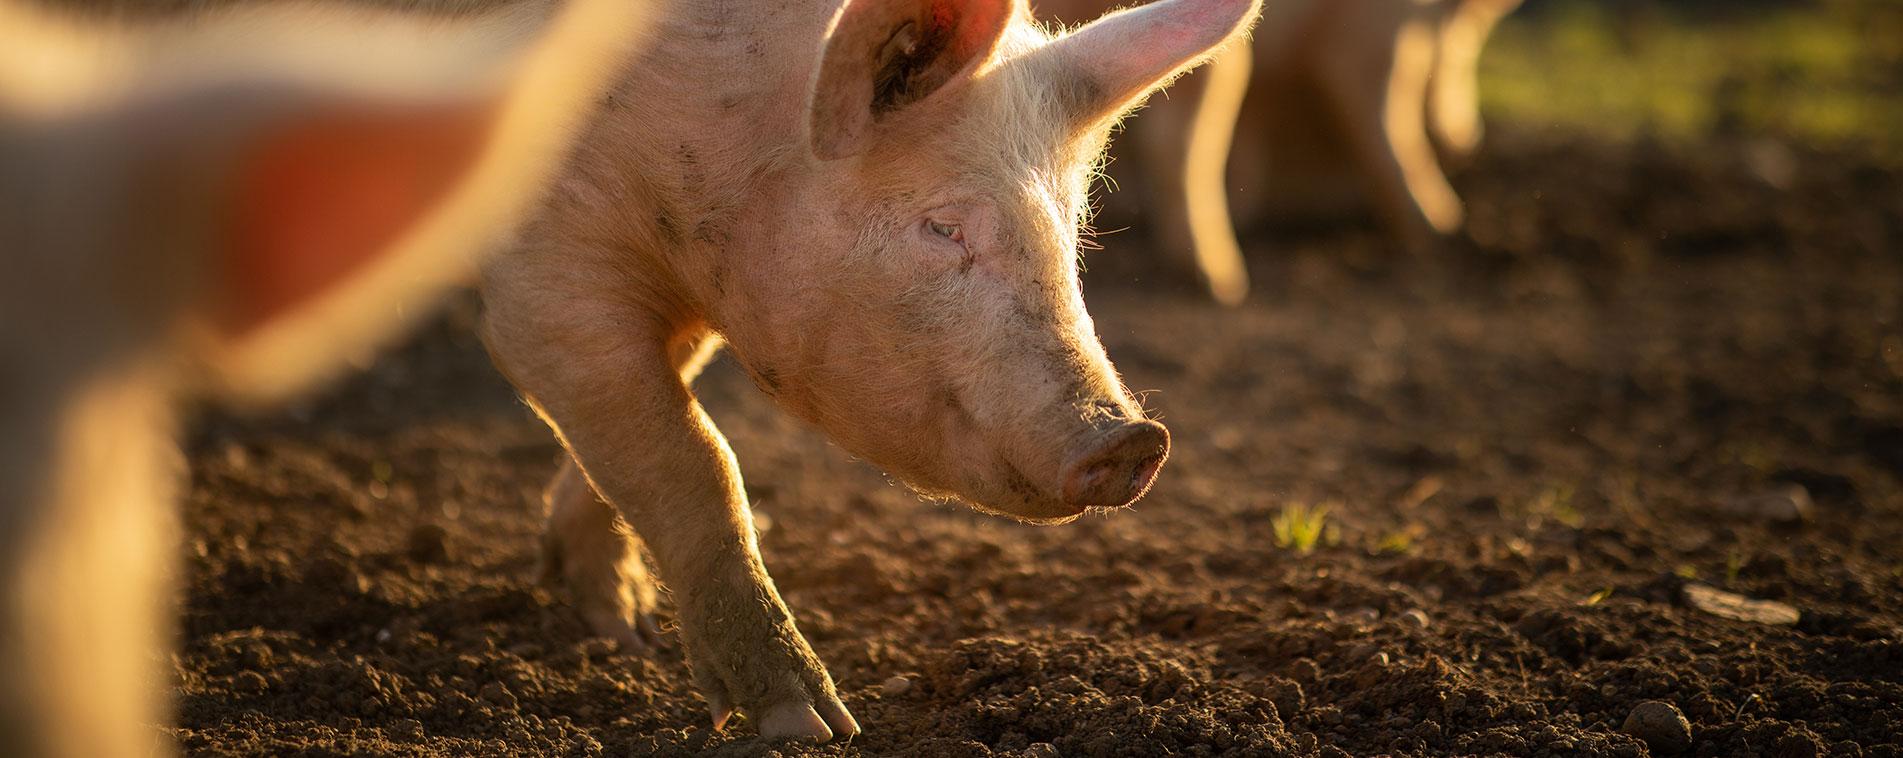 filiere porc fleury michon